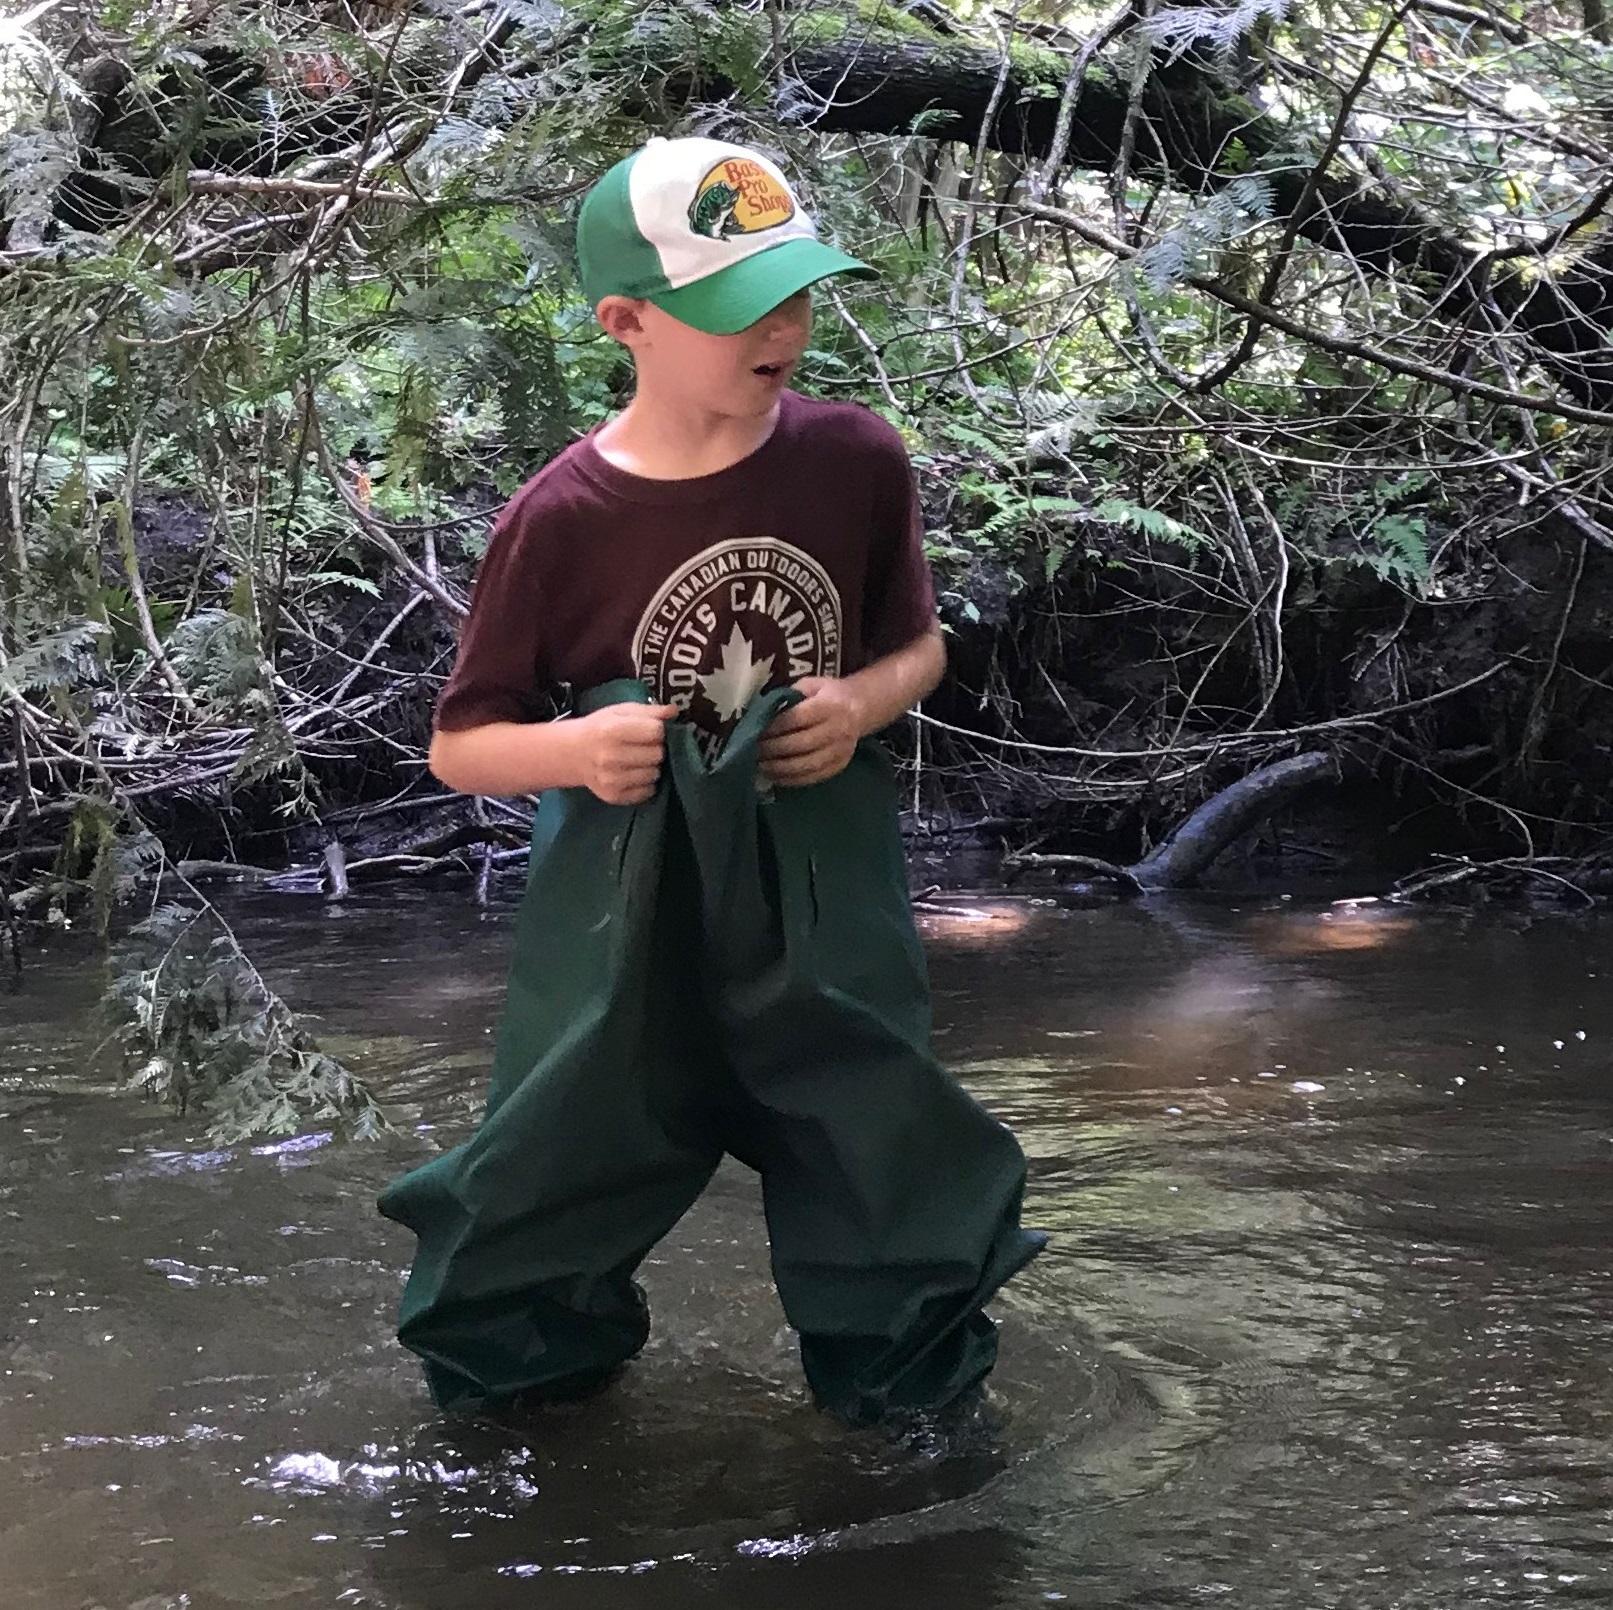 camper explores stream at Claremont Nature Centre